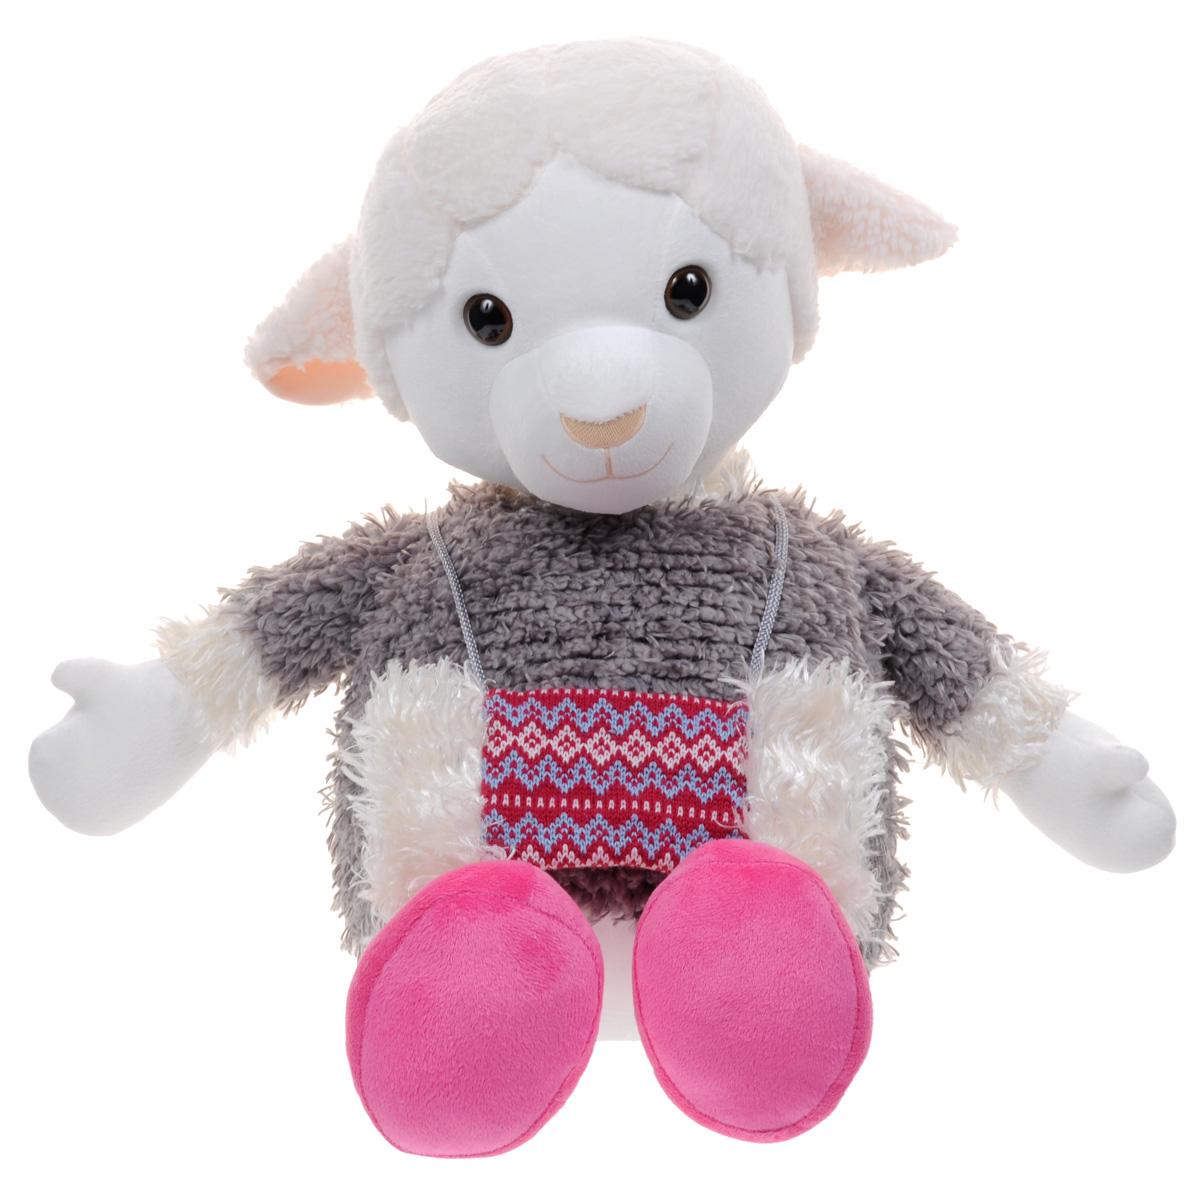 Мягкая игрушка Fancy Овечка Люси, 56 смOVYU2Очаровательная мягкая игрушка Fancy Овечка Люси, выполненная в виде улыбающейся овечки серого цвета с добрыми глазками, вызовет умиление и улыбку у каждого, кто ее увидит. У овечки есть муфта с красивым орнаментом. Она вешается на шею, ее можно снимать. Удивительно мягкая игрушка принесет радость и подарит своему обладателю мгновения нежных объятий и приятных воспоминаний. Великолепное качество исполнения делают эту игрушку чудесным подарком к любому празднику.